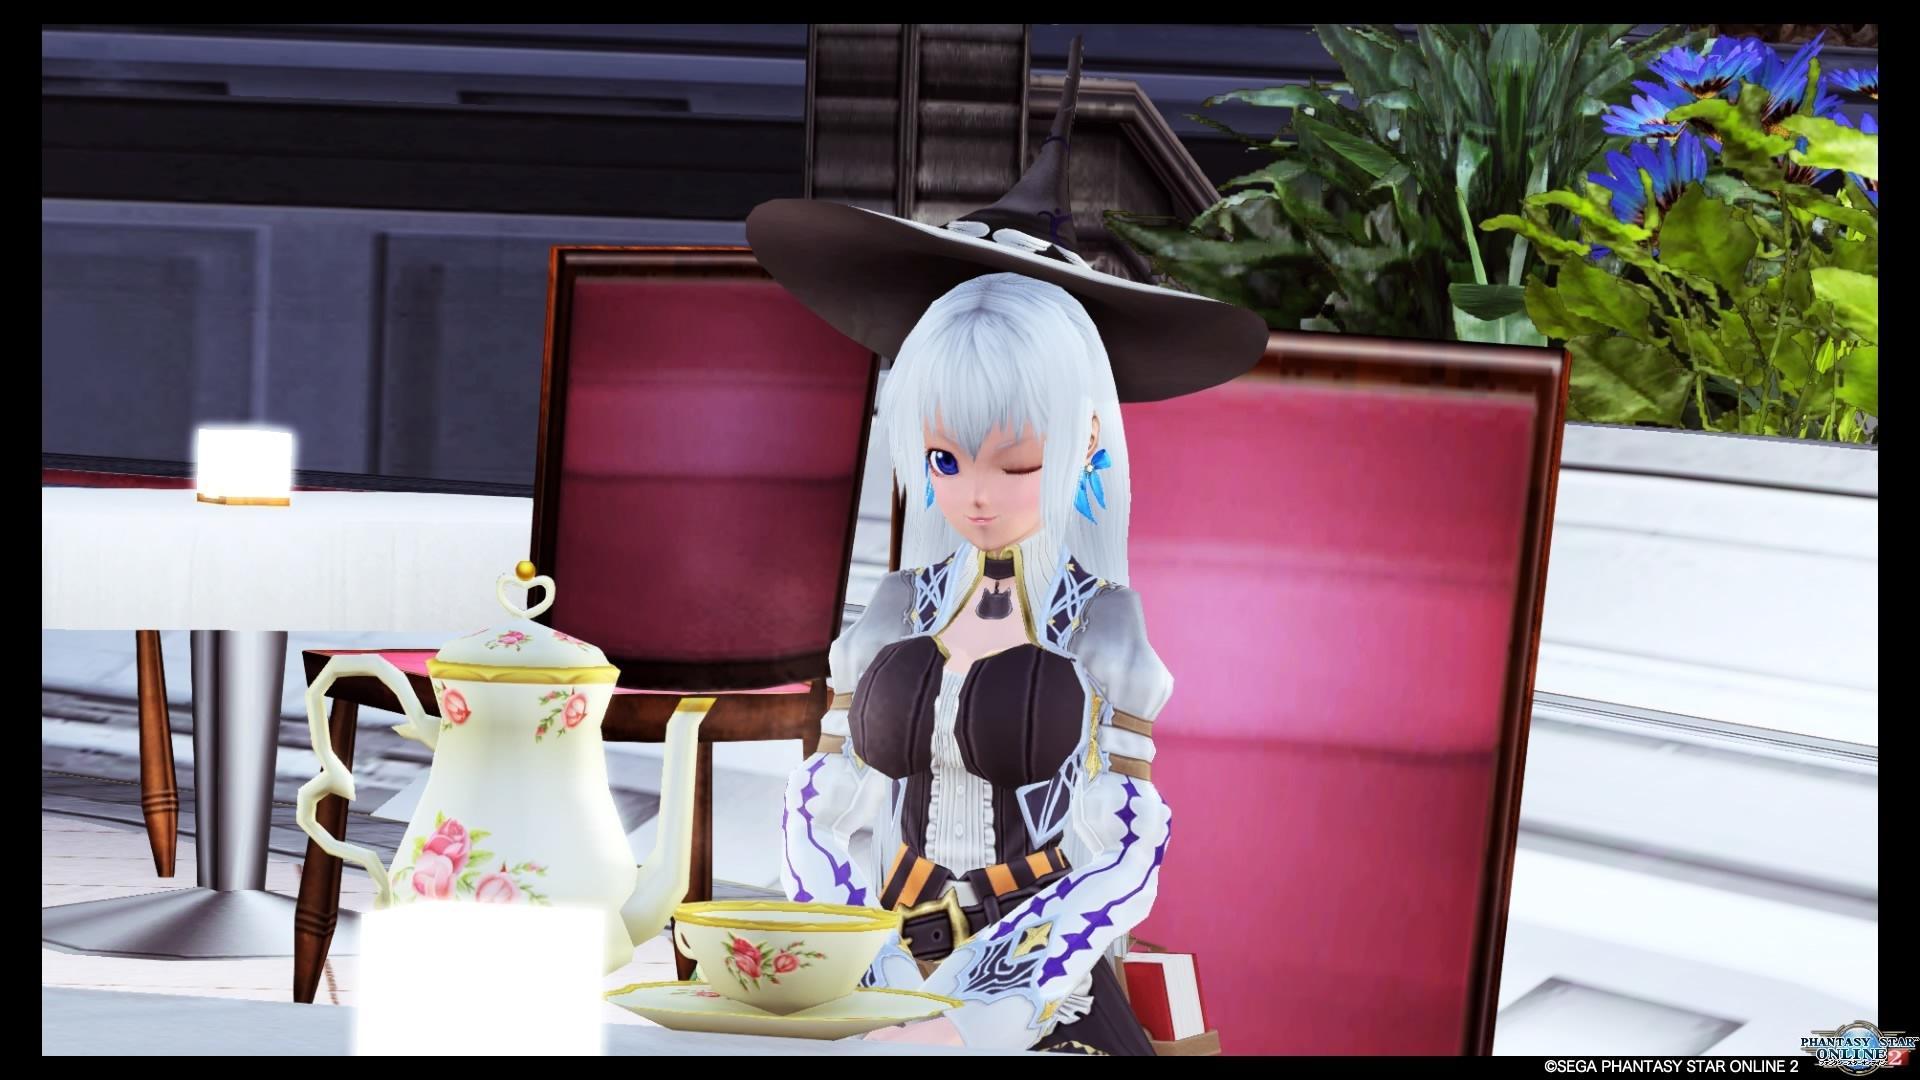 魔女のお茶会へようこそbyエリータ